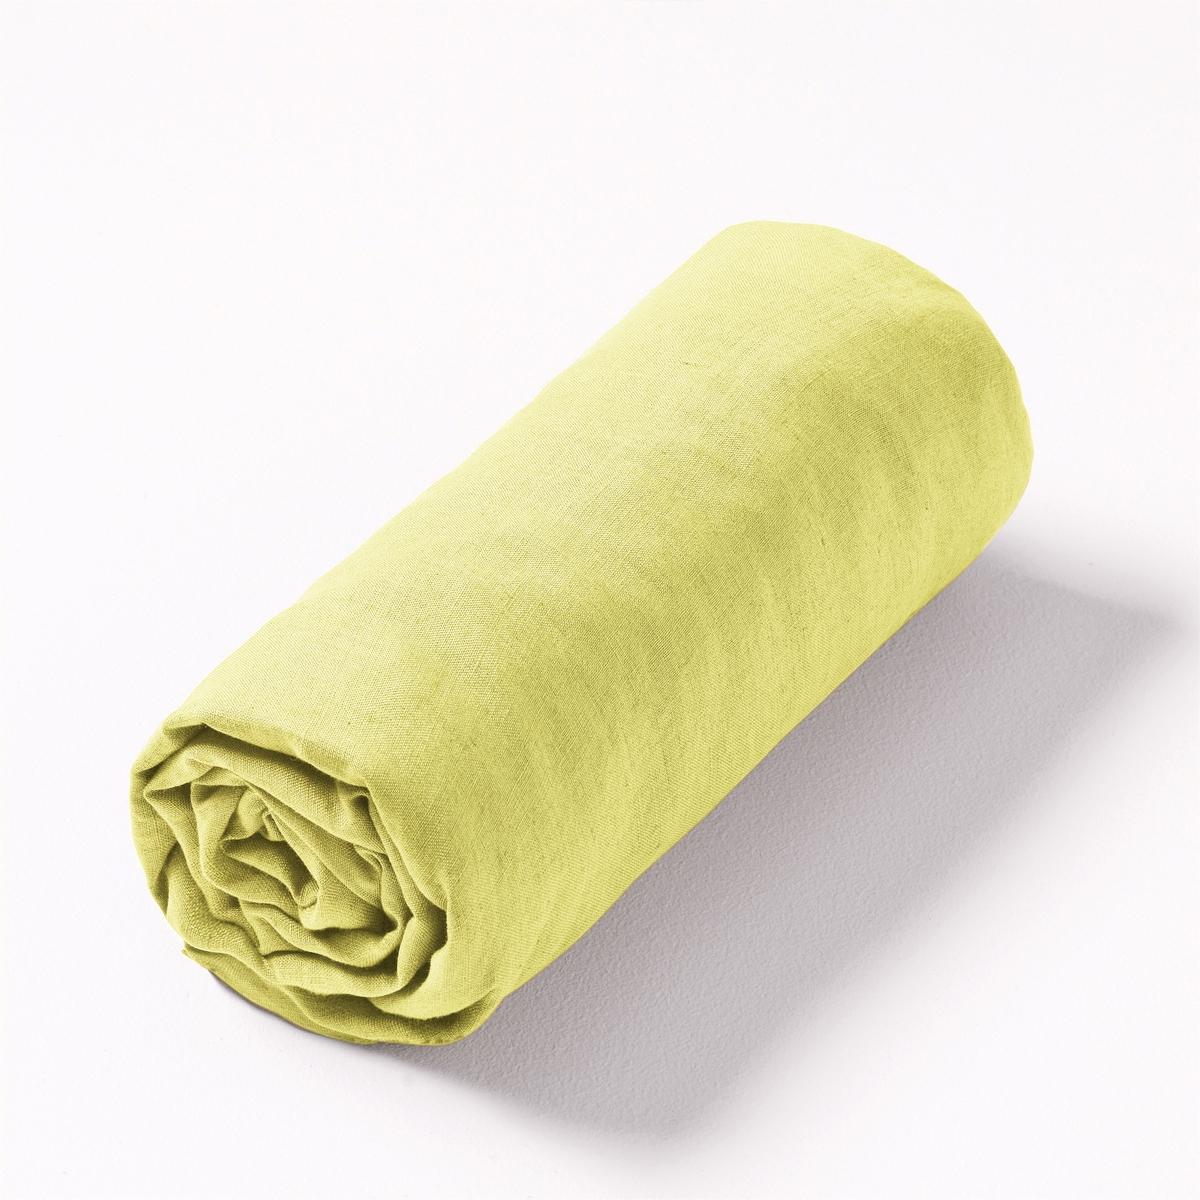 Простыня натяжная из льна, CarlyНатяжная простыня Carly. Натяжная простыня из 100% льна с жатым эффектом для большей мягкости и современного вида, становится мягче и привлекательней с течением времени.Палитра утончённых и современных цветов позволяет создавать комплекты в монохромной гамме или в смелых цветовых комбинациях. Материал : - 100% ленУход:Машинная стирка при 40 °С.Размеры :90 x 190 см : 1-сп.140 x 190 см : 1-сп.160 x 200 см : 2-сп.180 x 200 см : 2-сп.<br><br>Цвет: серая известь,сине-черный,хаки светлый,ярко-желтый<br>Размер: 90 x 190  см.90 x 190  см.180 x 200  см.160 x 200  см